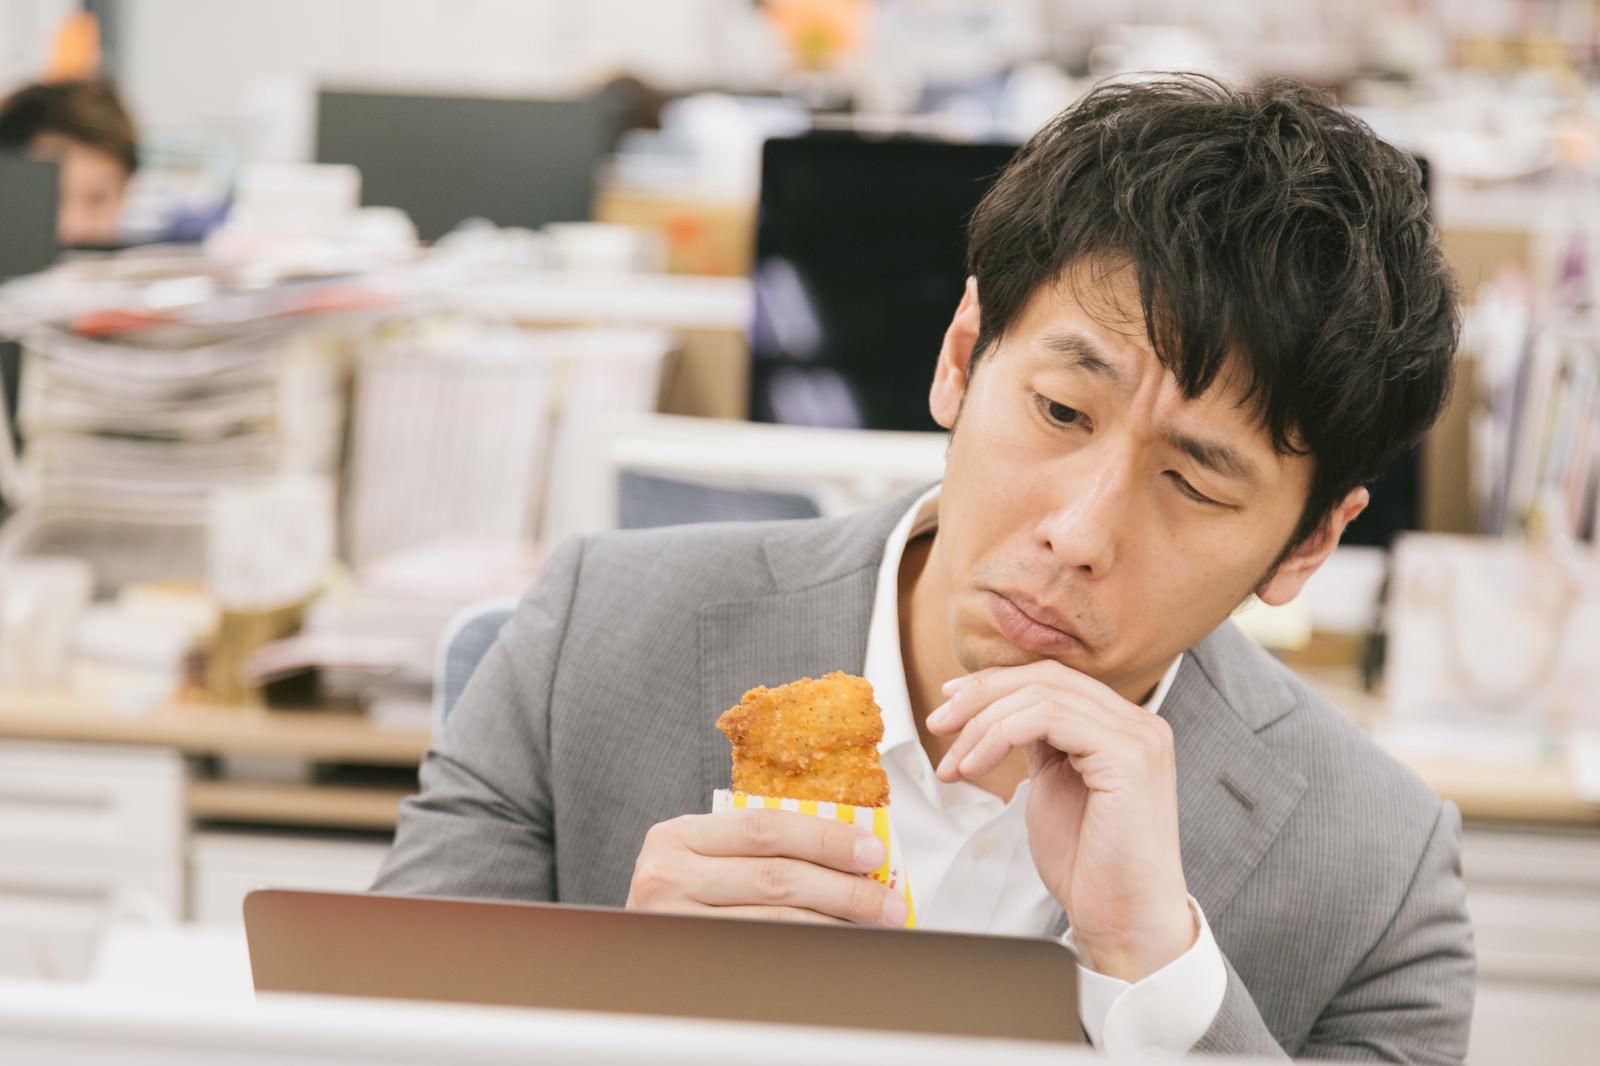 「「仕事中に食べたら怒られるかな?」と悩むチキン野郎」の写真[モデル:大川竜弥]